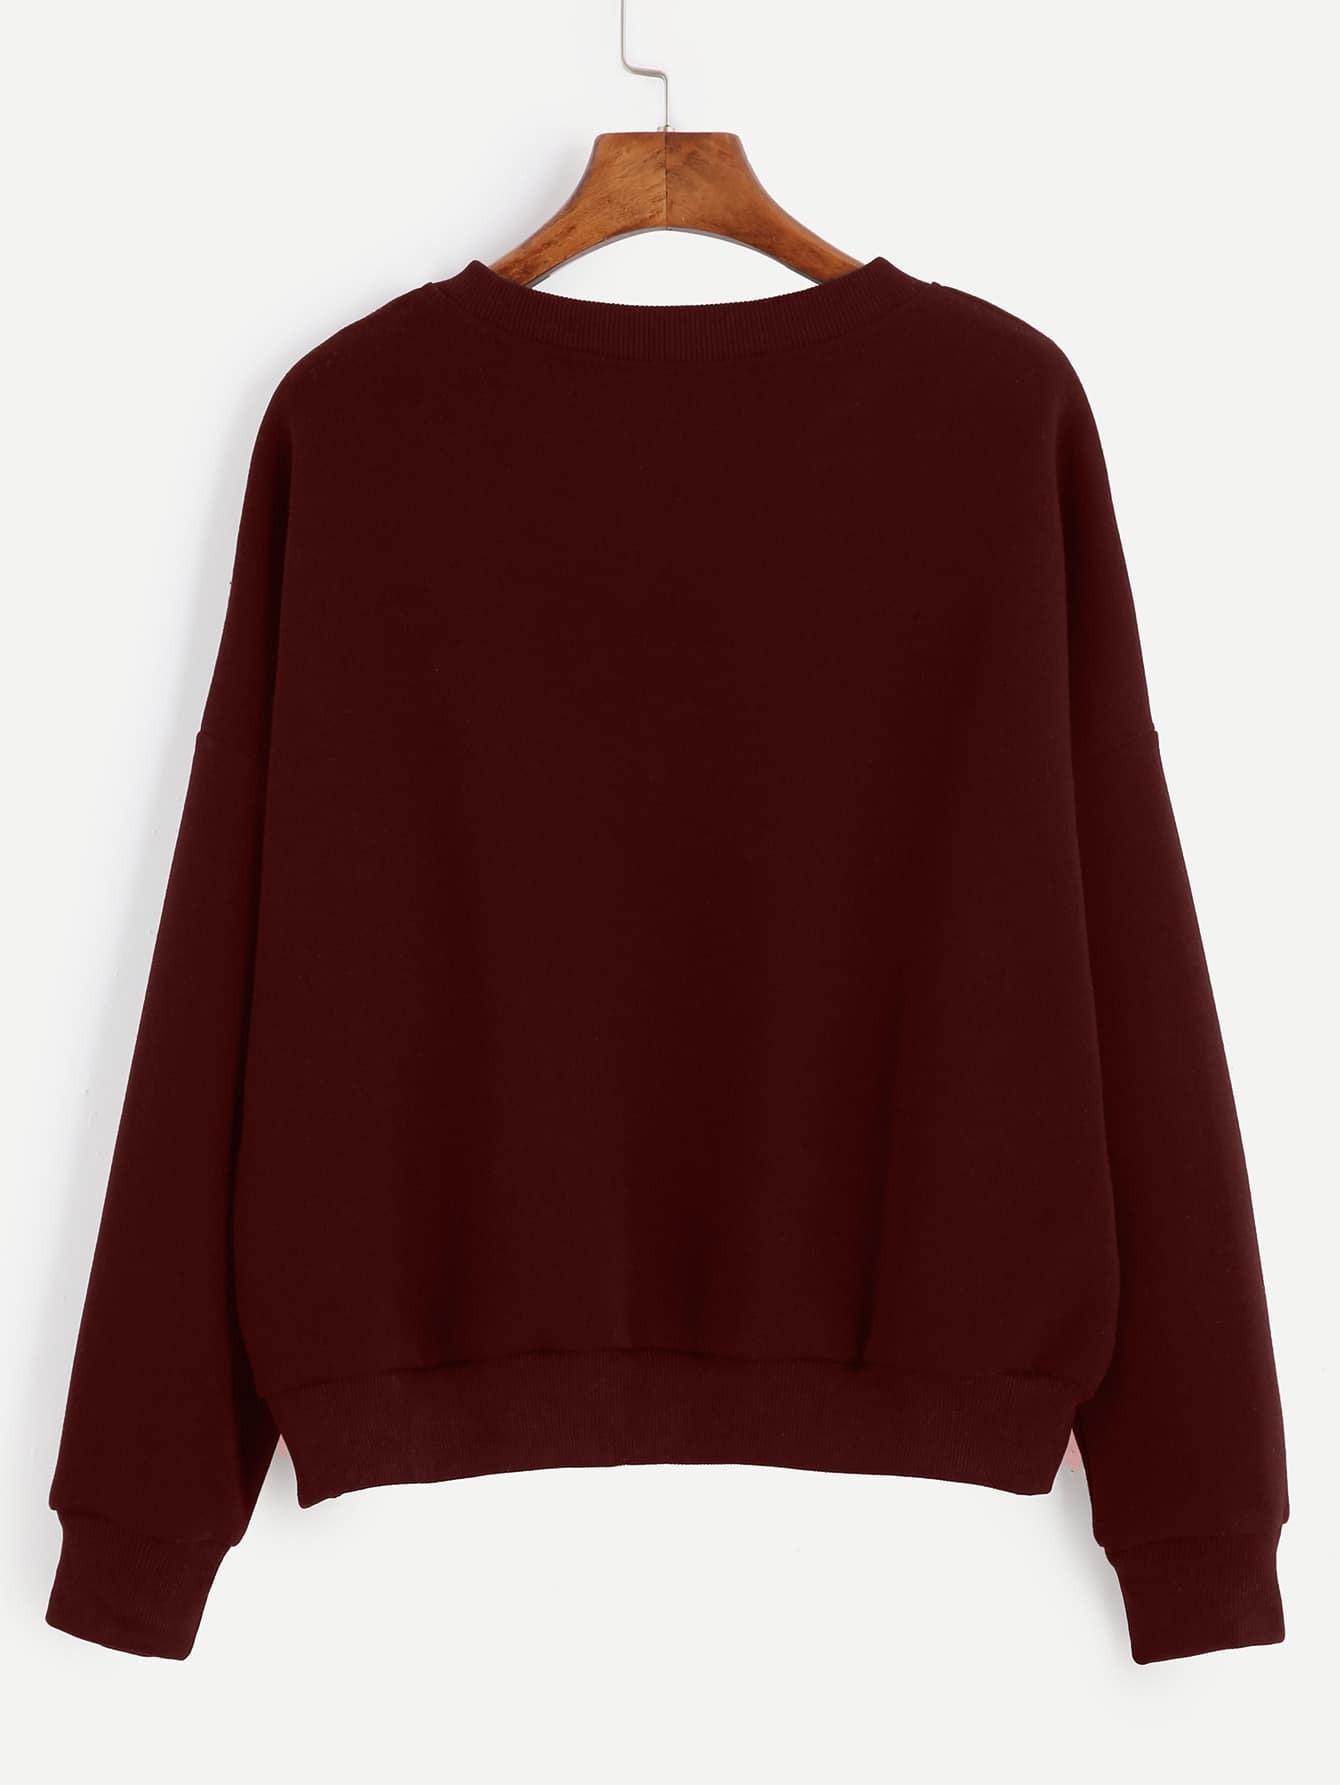 sweatshirt161013132_2